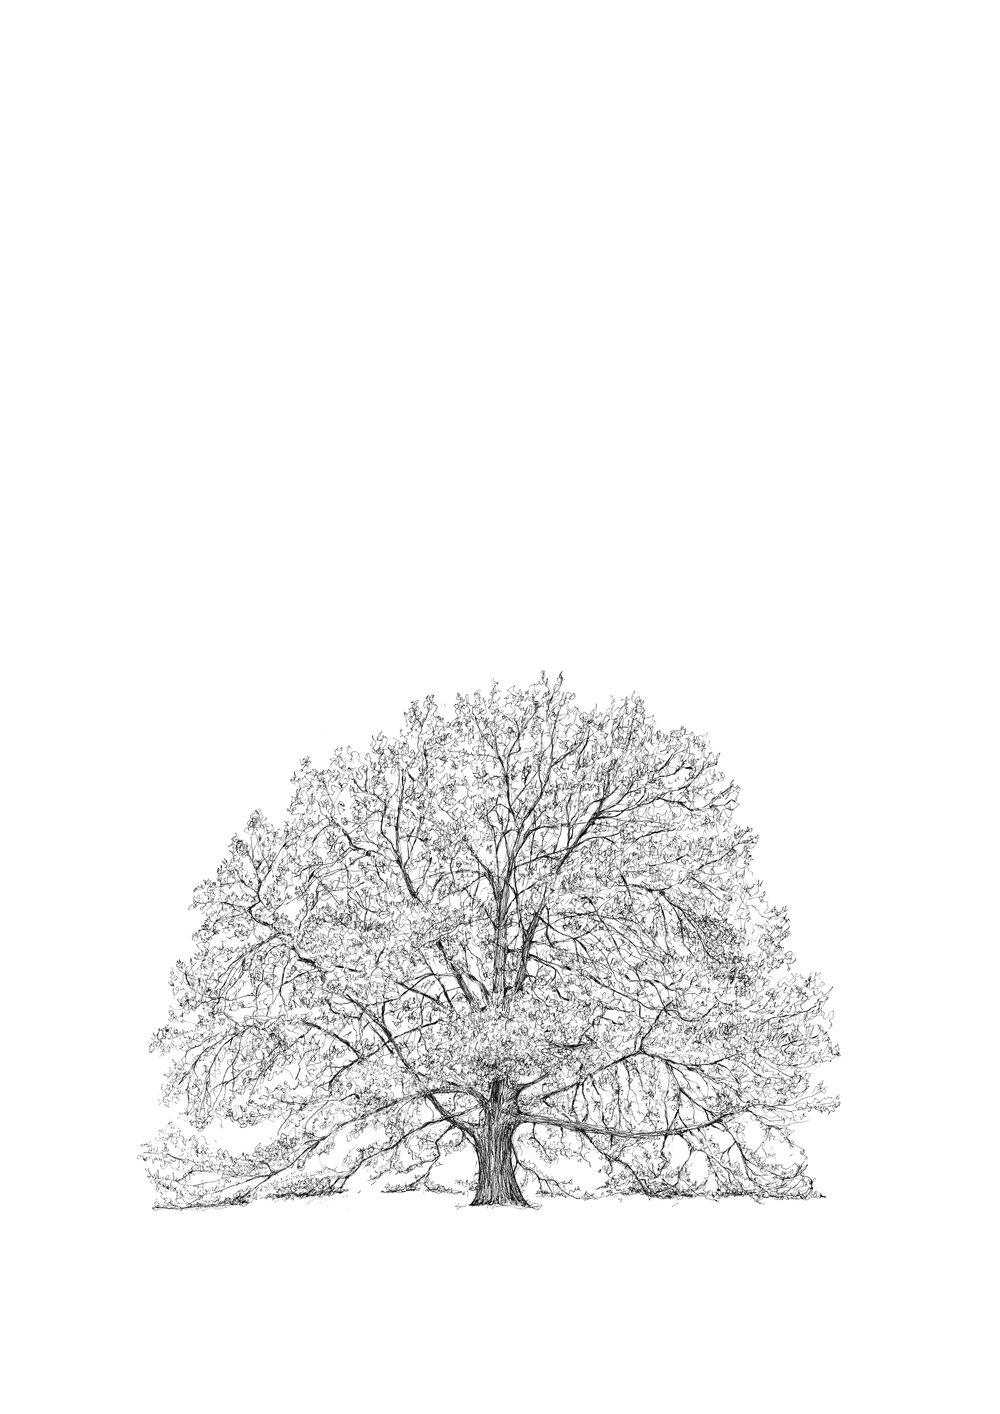 Dulwich Turkey Oak - Luke Adam Hawker.jpg